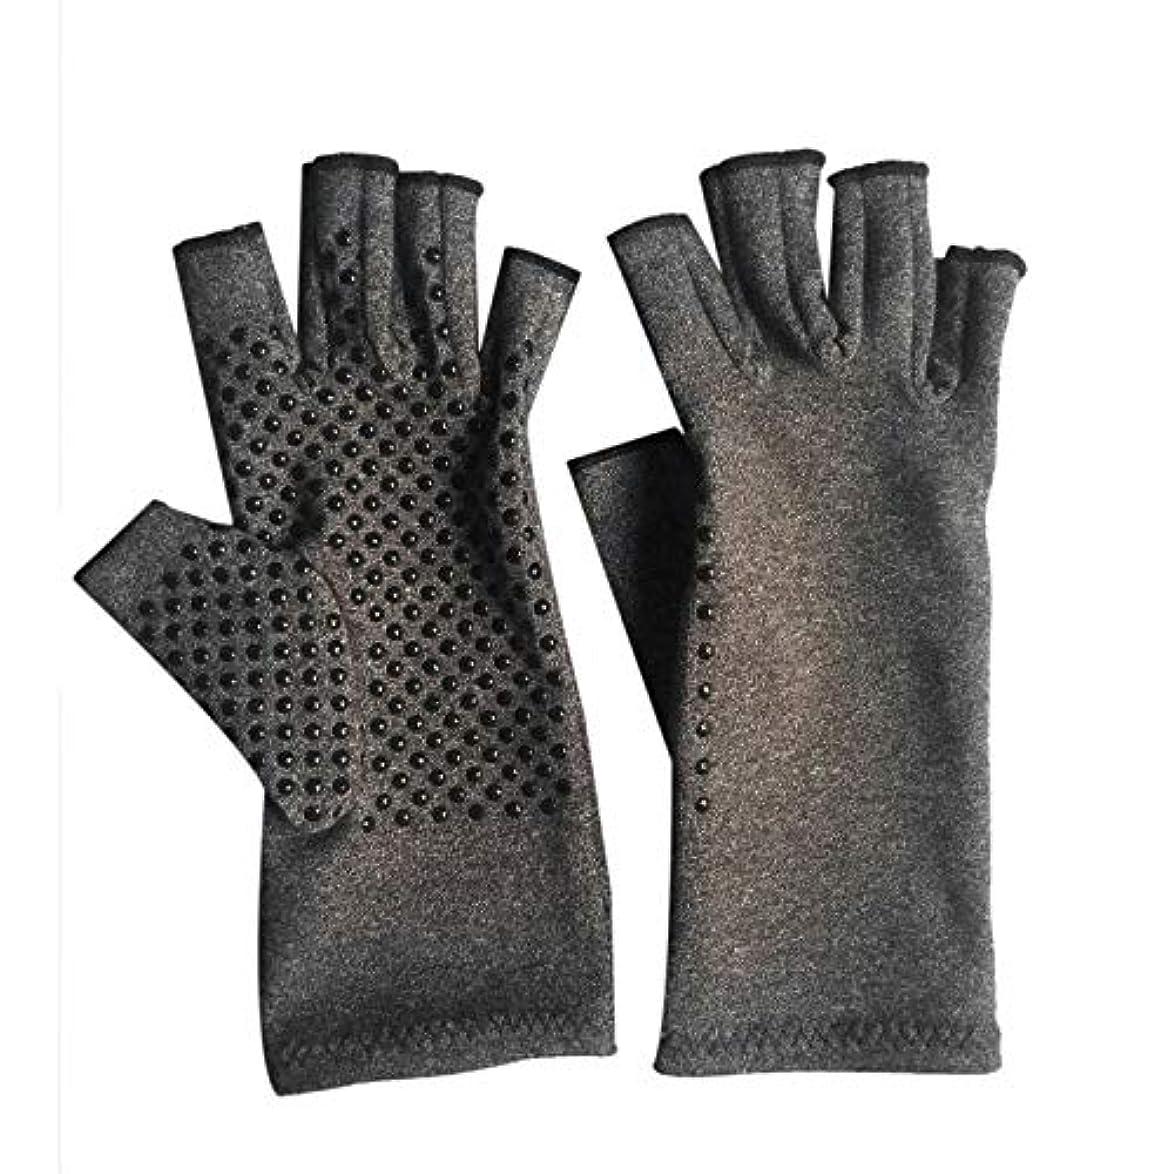 倒産とんでもない幻想的1ペアユニセックス男性女性療法圧縮手袋関節炎関節痛緩和ヘルスケア半指手袋トレーニング手袋 - グレーM